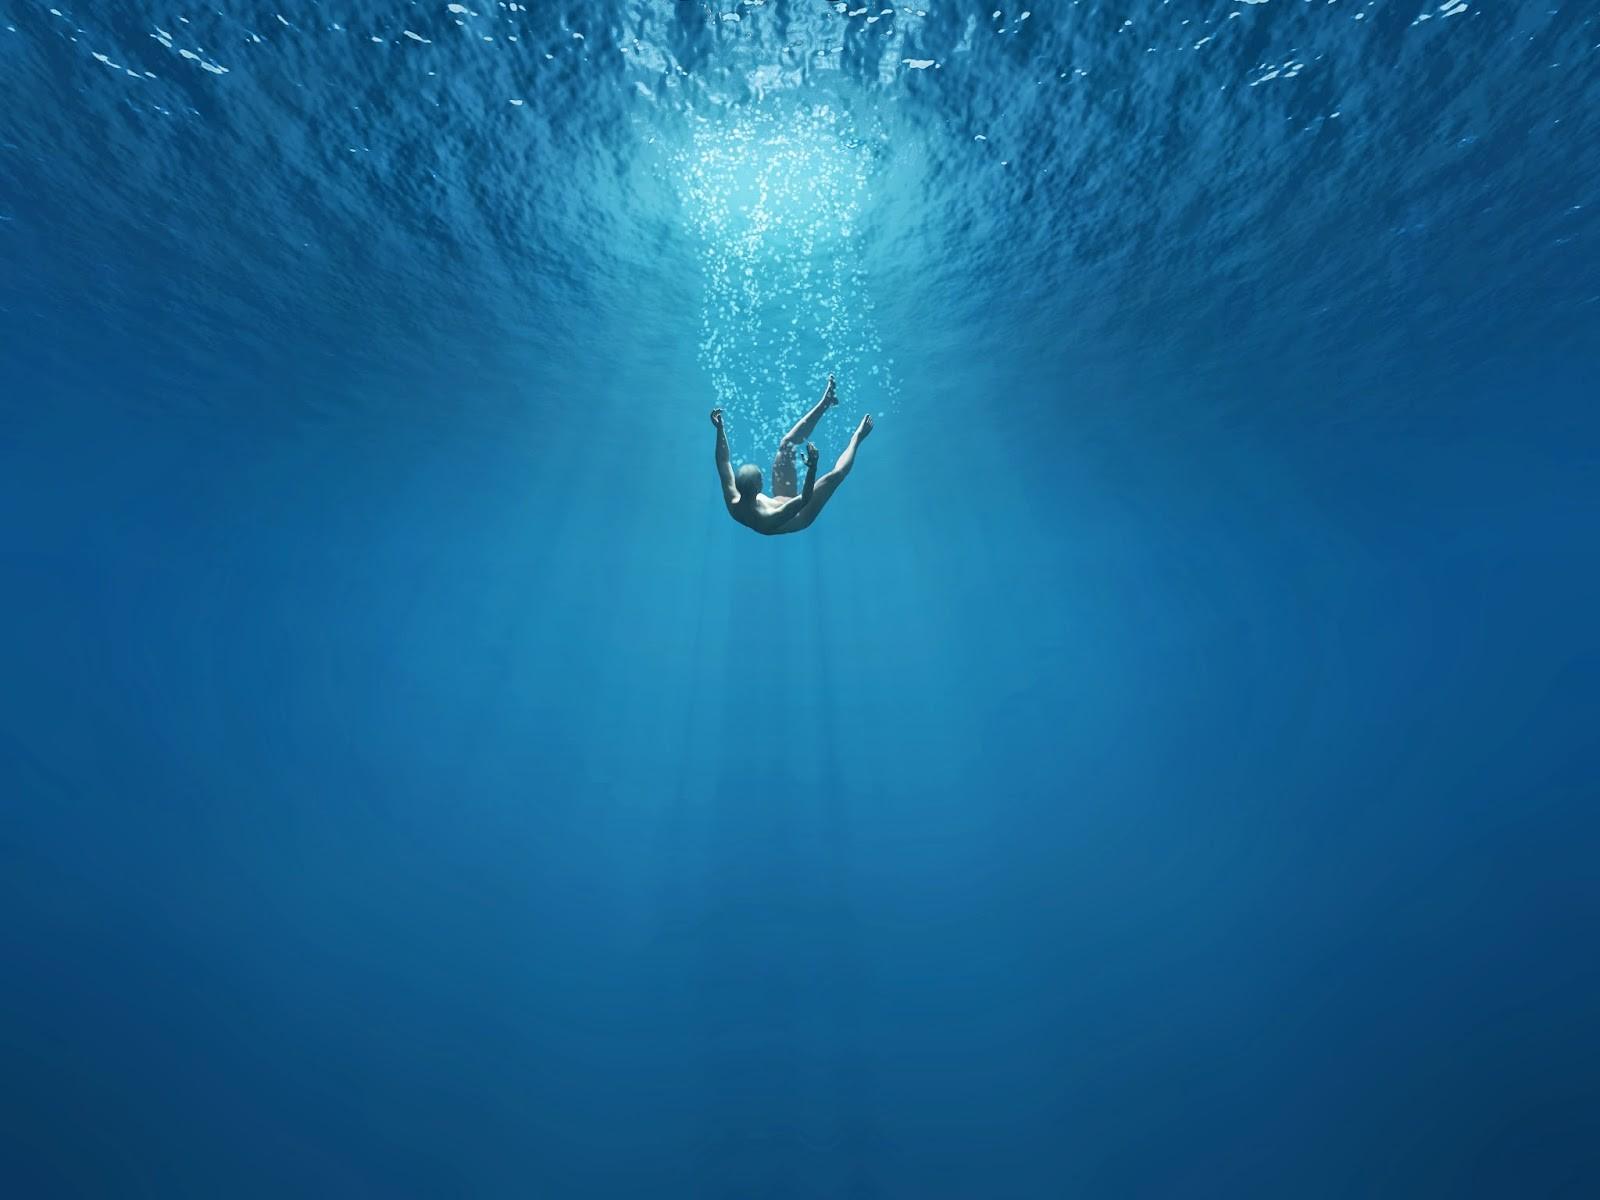 Ученые Многие люди страдают страшной аллергией на воду